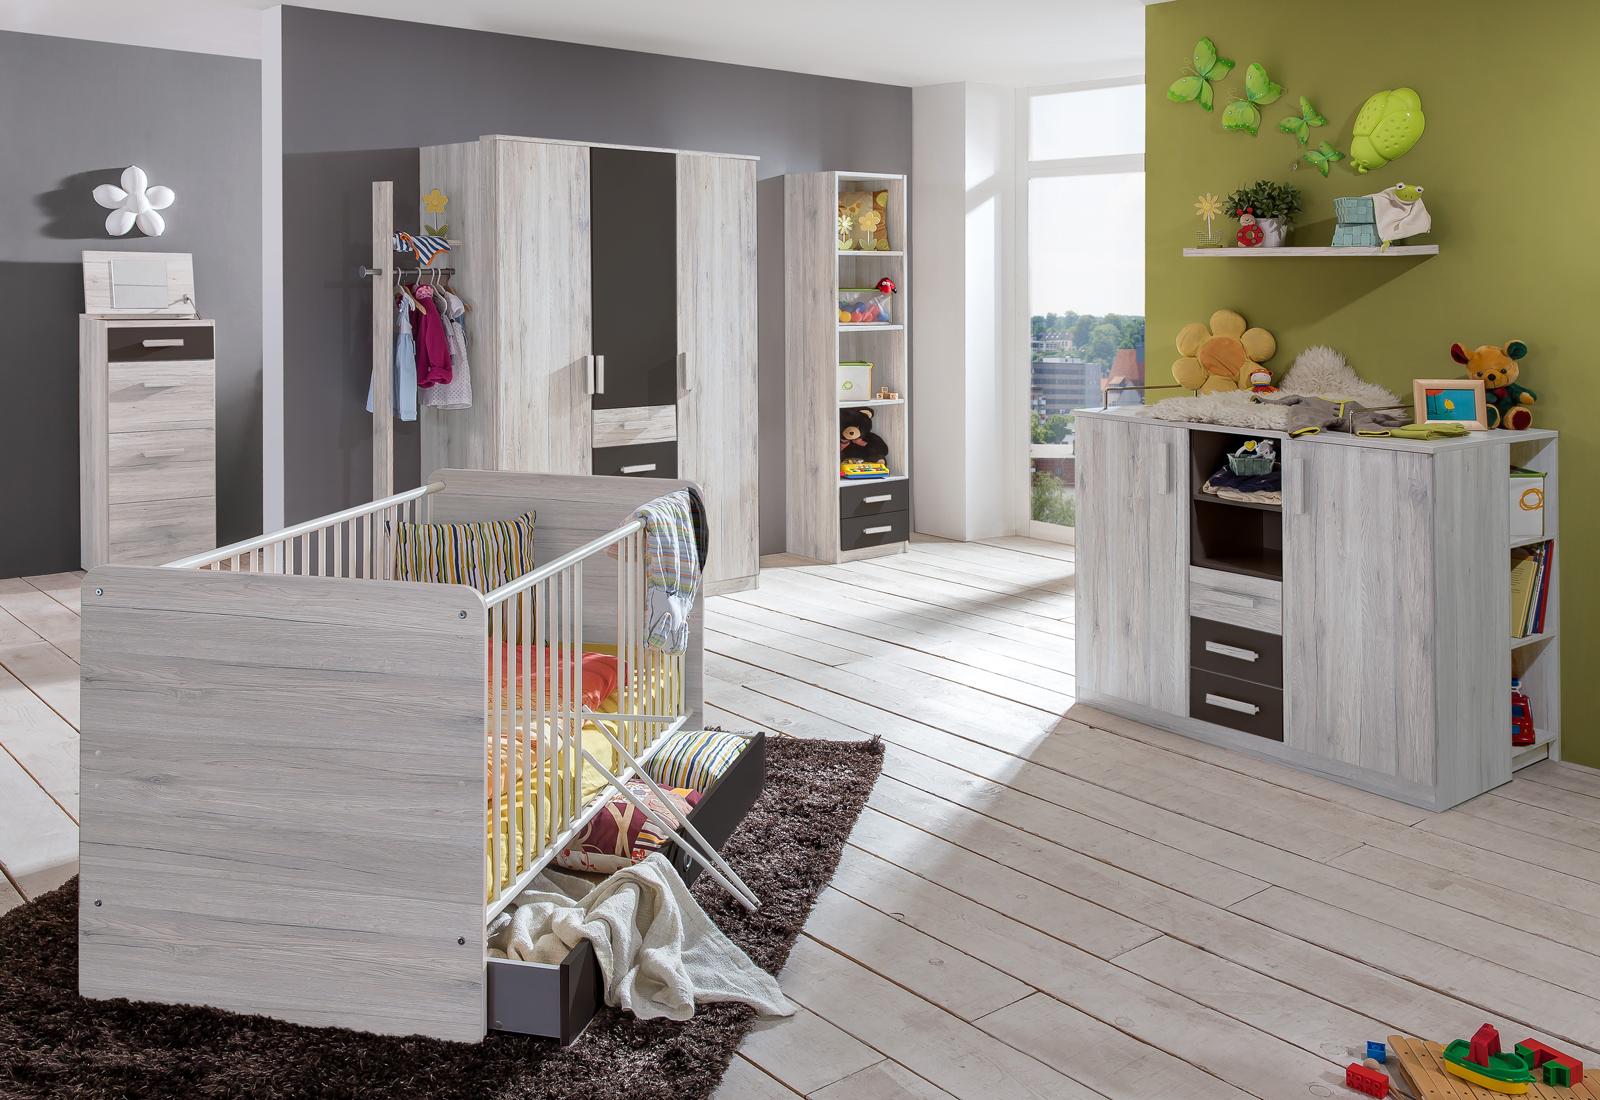 babyzimmer cariba 4 set 9 teilig wei eiche babybett wickelkommode kleiderschrank ebay. Black Bedroom Furniture Sets. Home Design Ideas